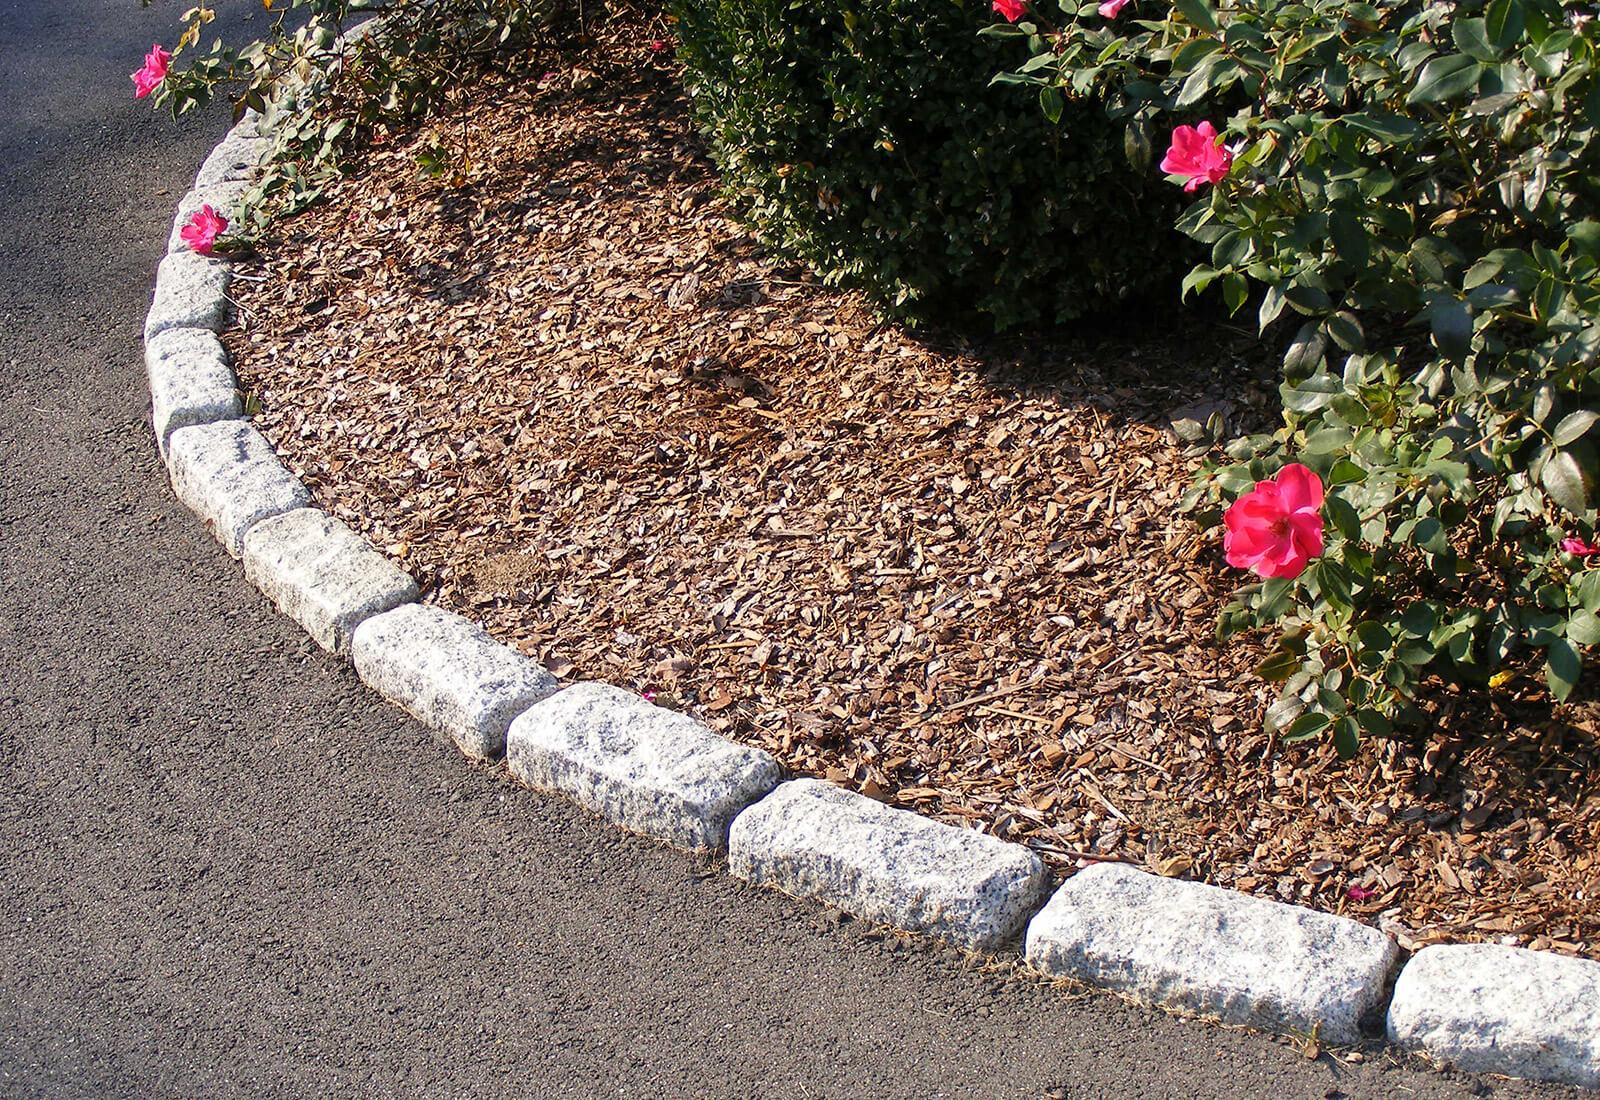 Exceptionnel Spacer Garden U0026 Driveway Edging   Swenson Granite Zoom